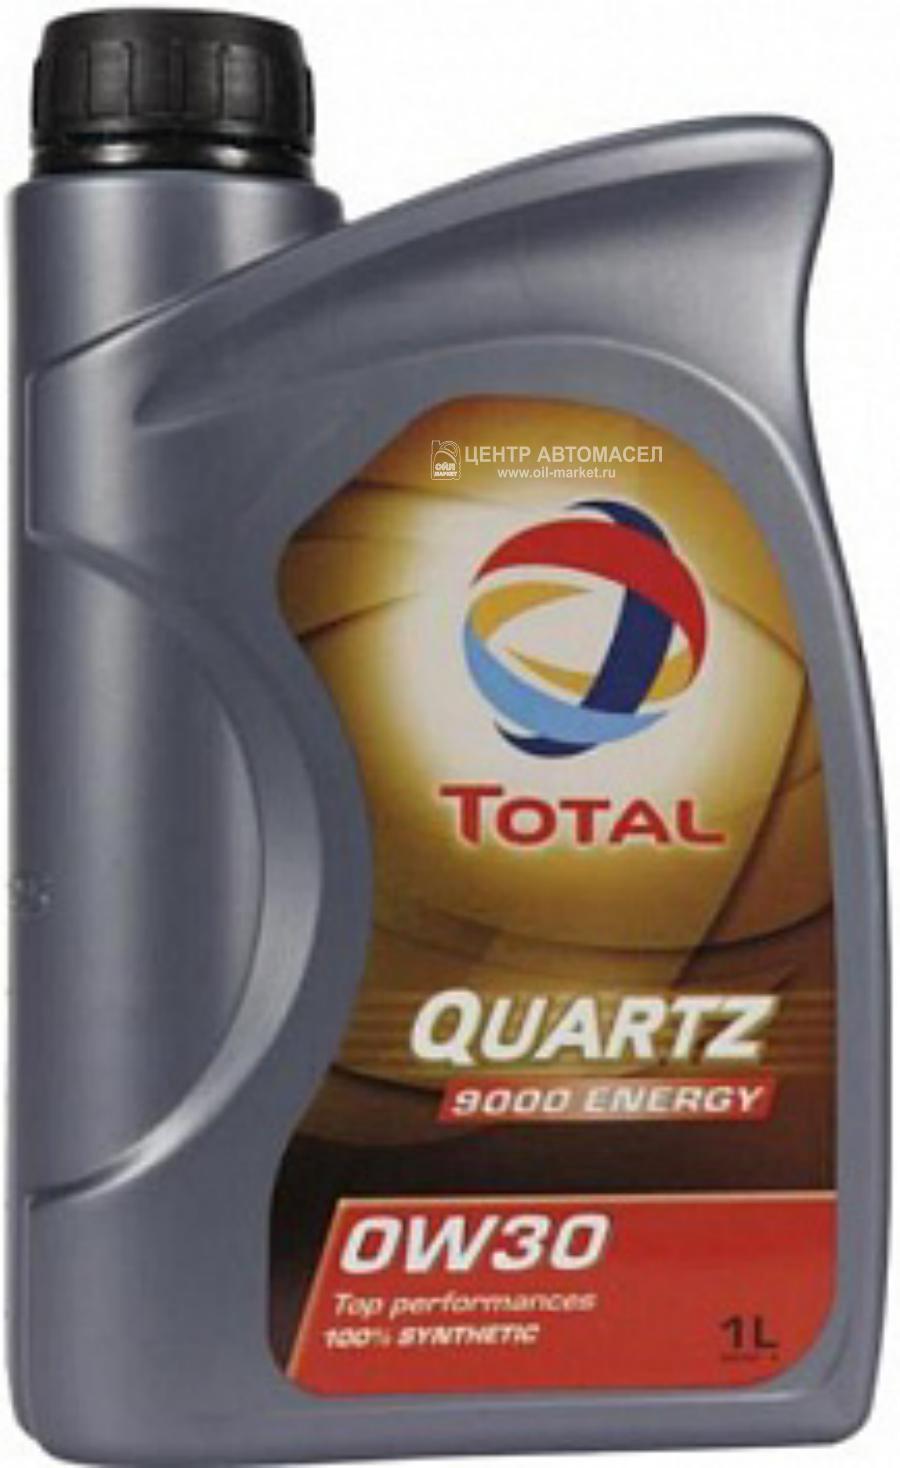 Масло моторное синтетическое QUARTZ 9000 ENERGY 0W-30, 1л